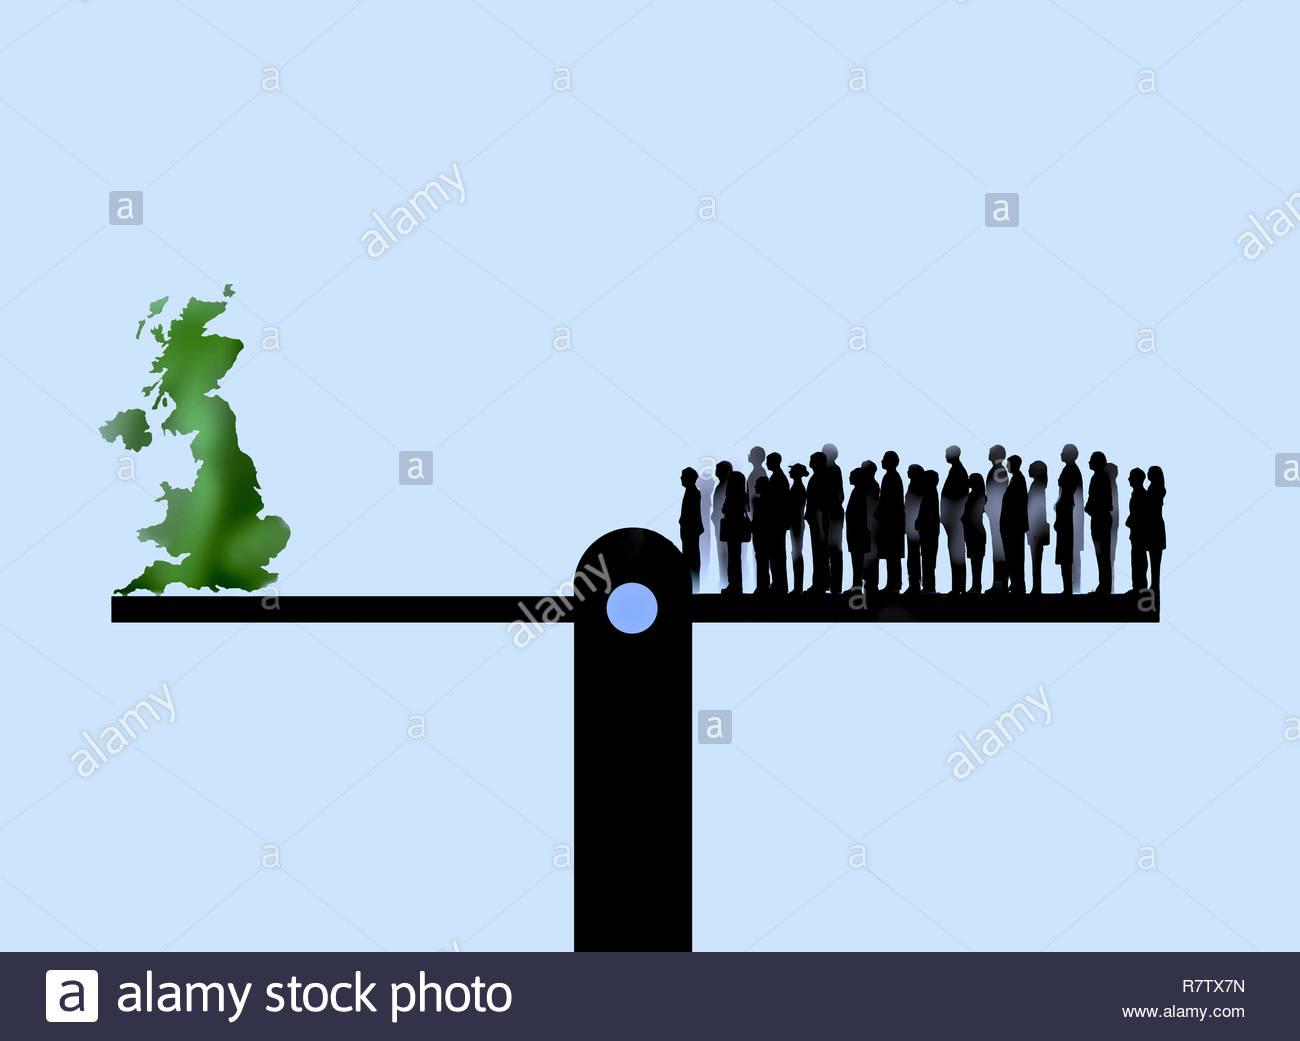 Grand groupe de personnes et le Royaume-Uni sur les côtés opposés de seesaw Photo Stock